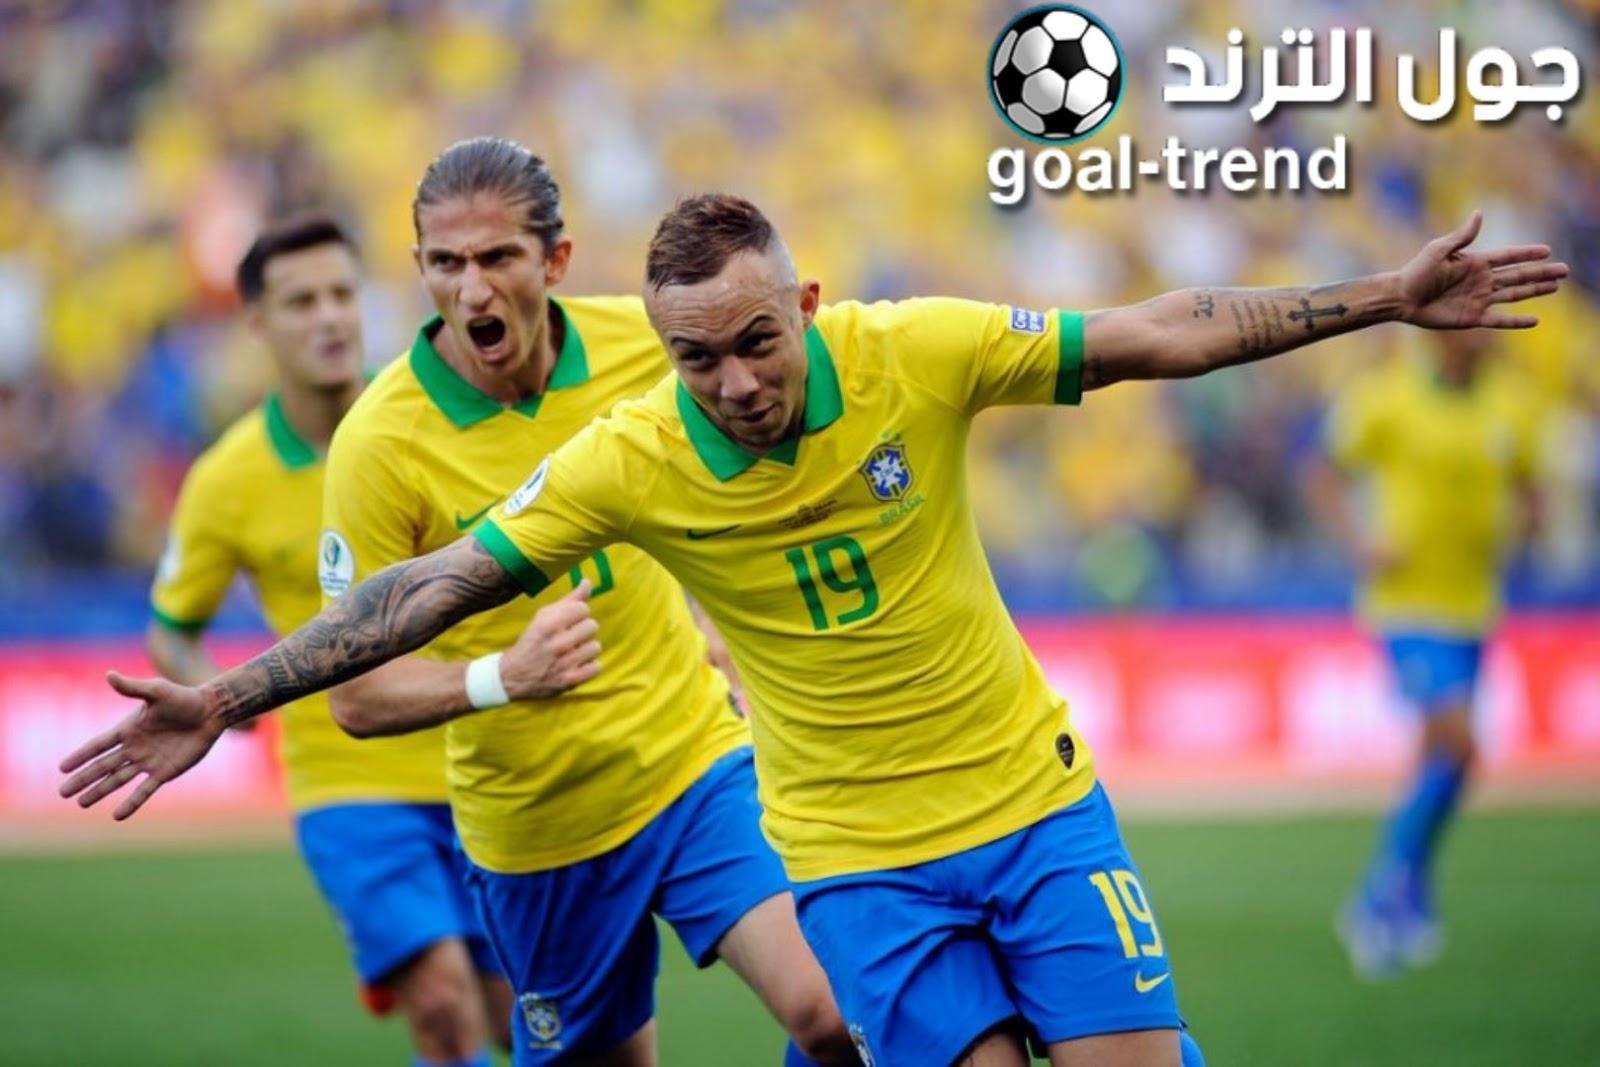 نتيجة مواجهة البرازيل وباراجواي فجر الجمعة كوبا امريكا